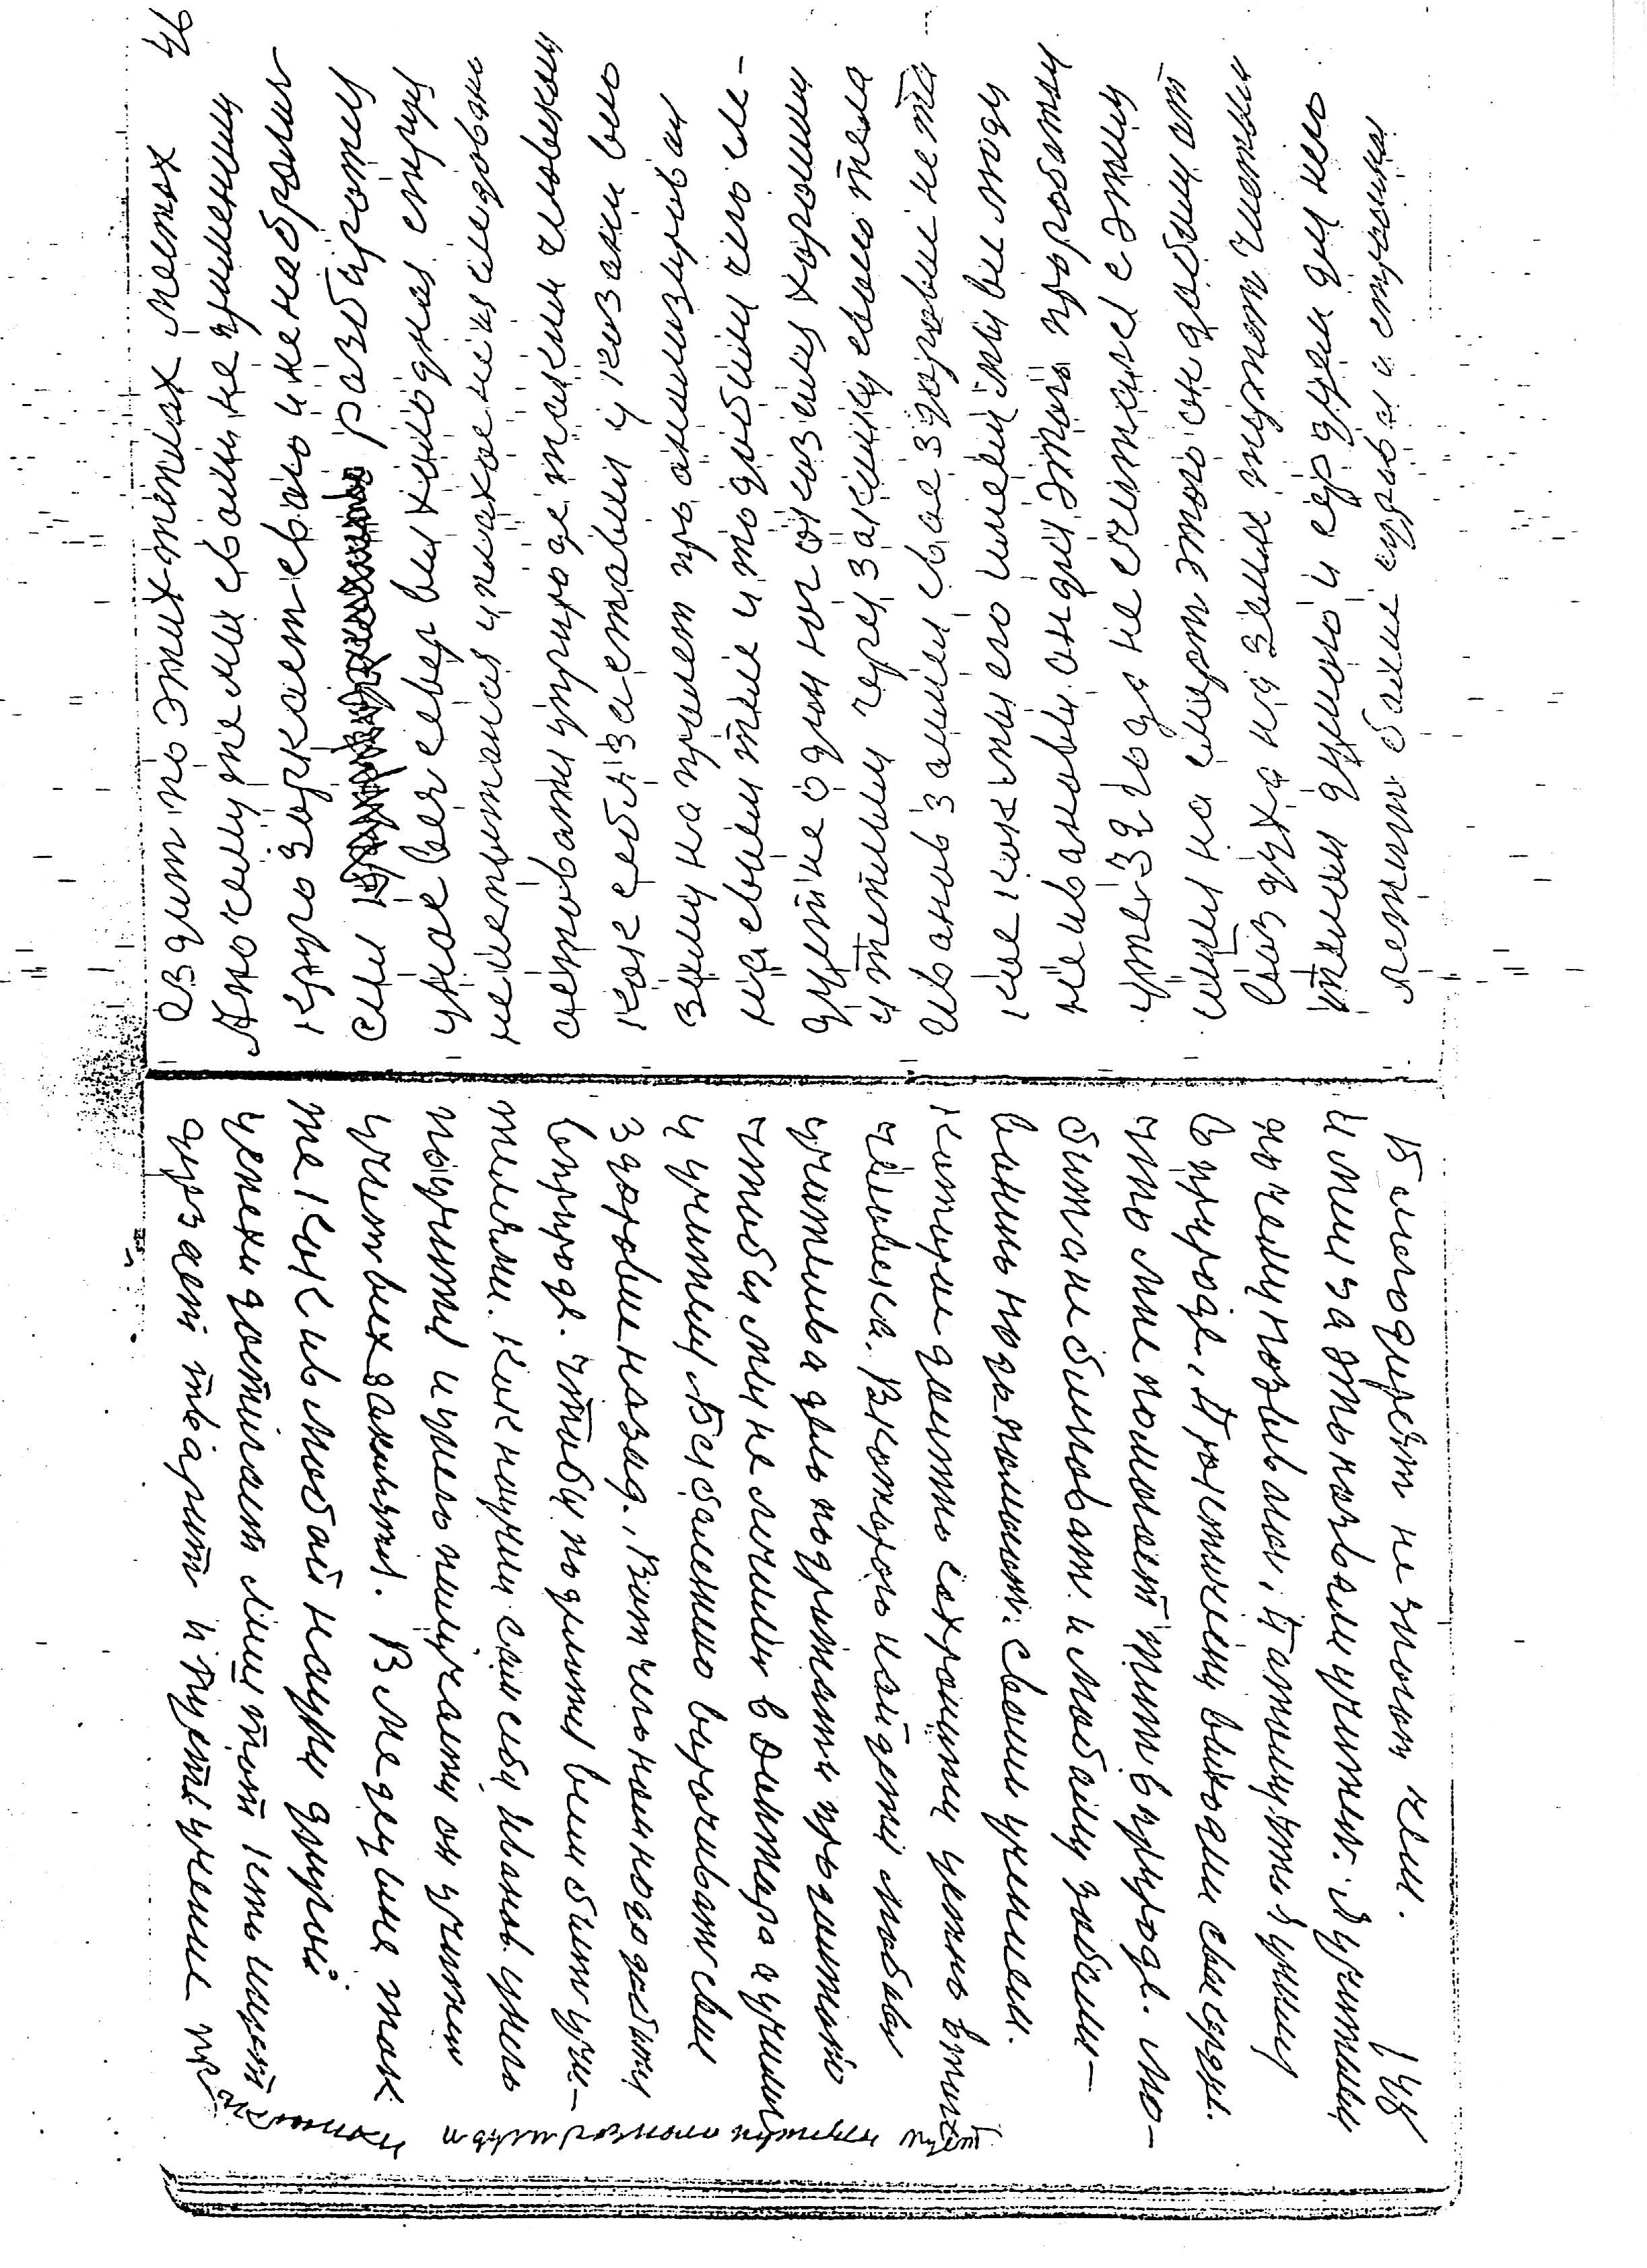 46-148.jpg